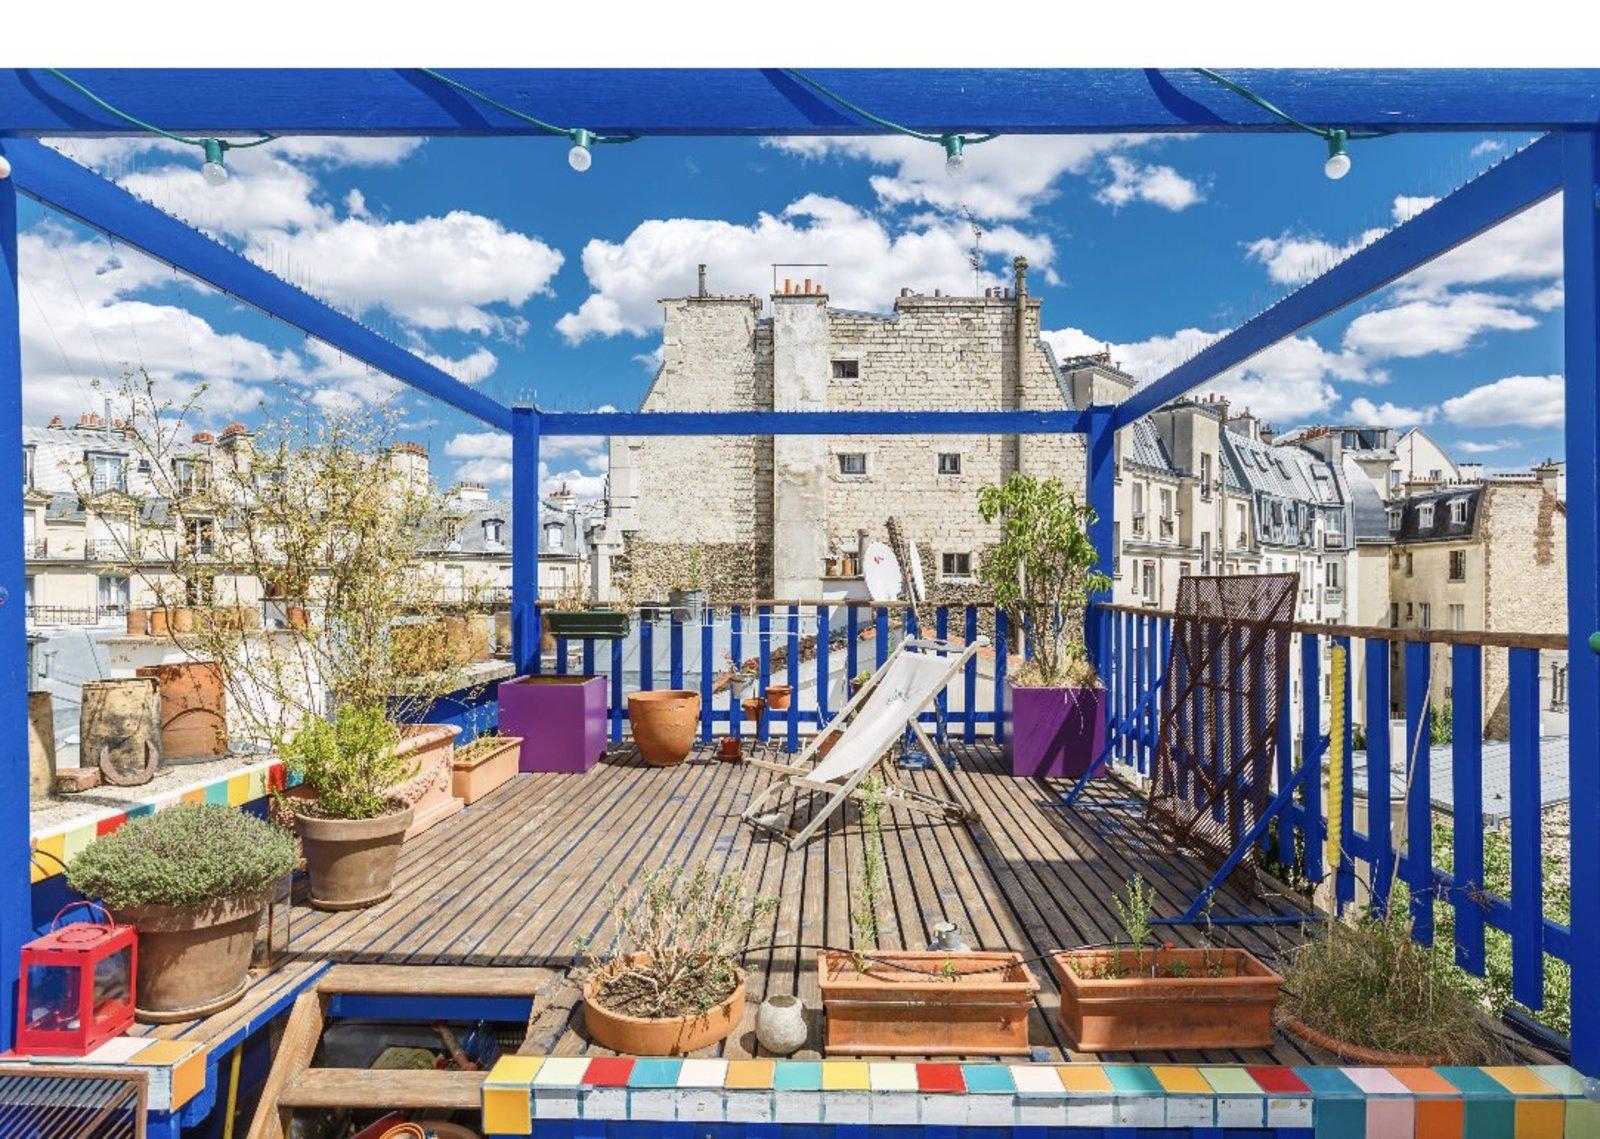 Terrasse très coloré avec une armature et une barrière bleu majorelle. Du carrelage peint de différente couleur se place autour de la terrasse. Accompagné de quelque jardinière en terre. Il y a une vue dégagé sur divers immeubles et toits de Paris.